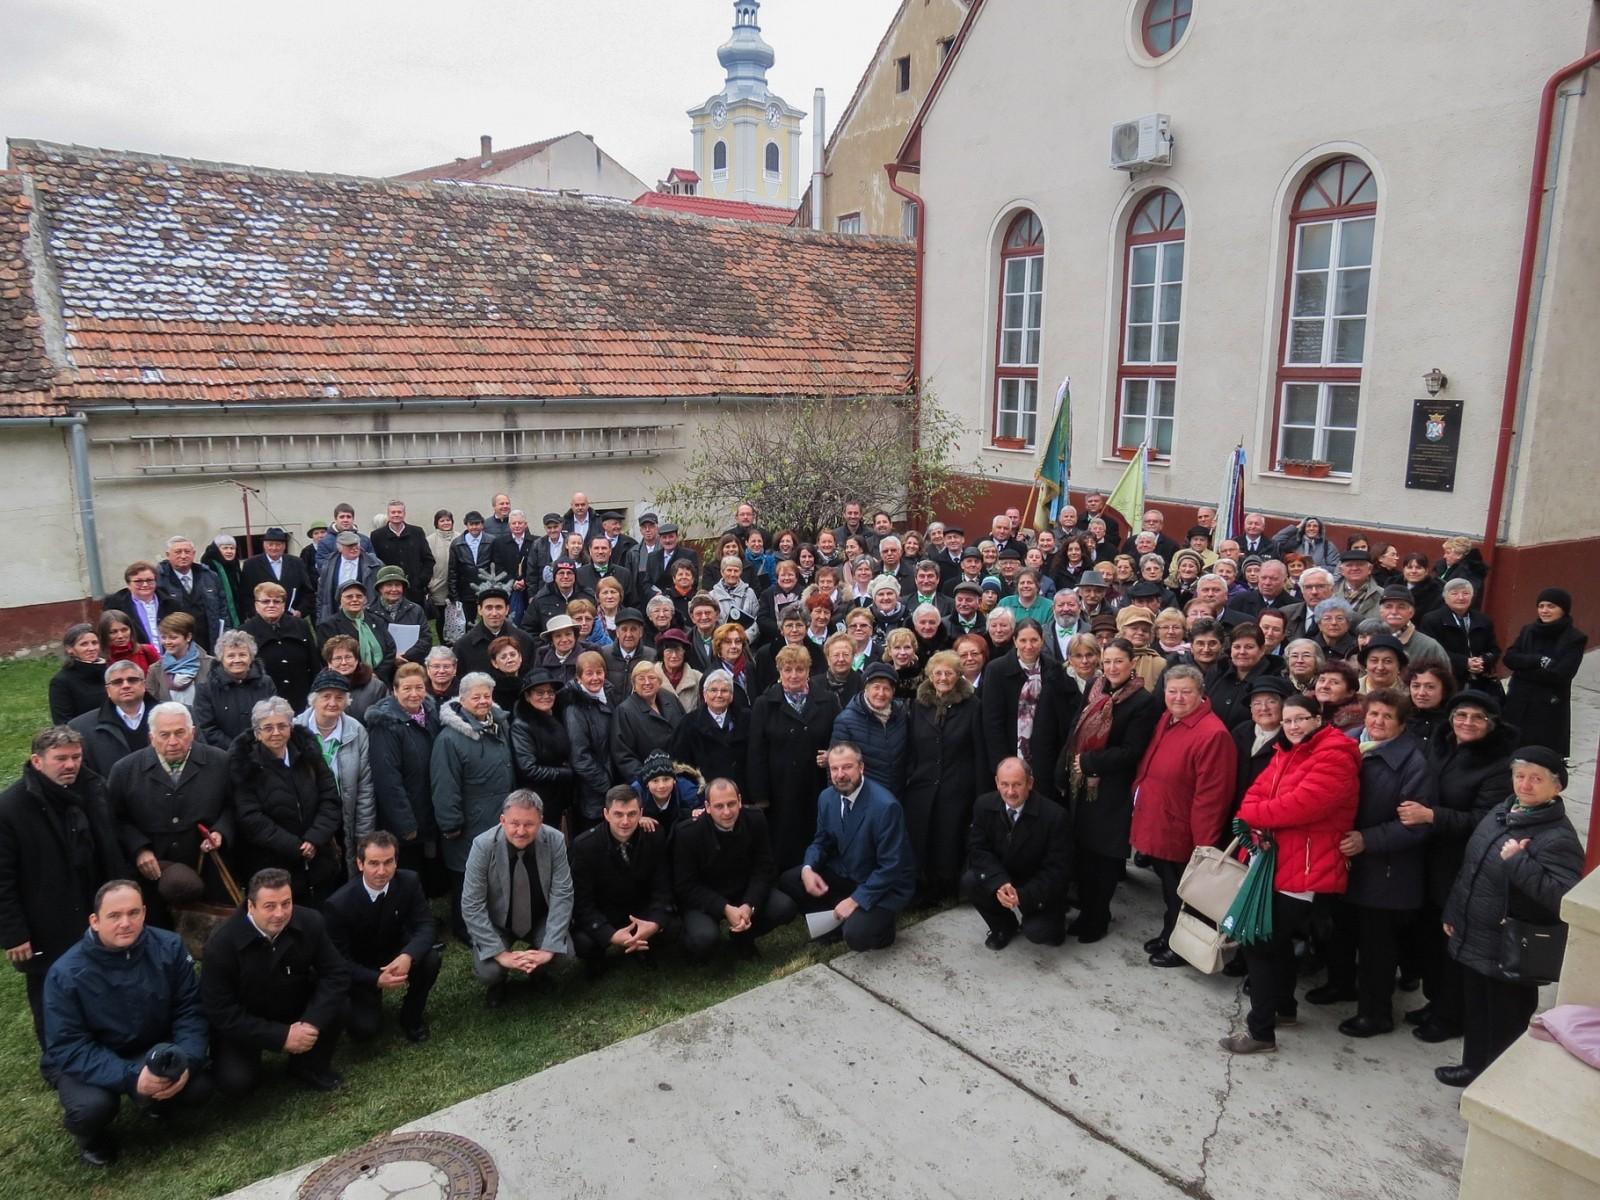 Megtartotta első kórustalálkozóját a brassói egyházmegye